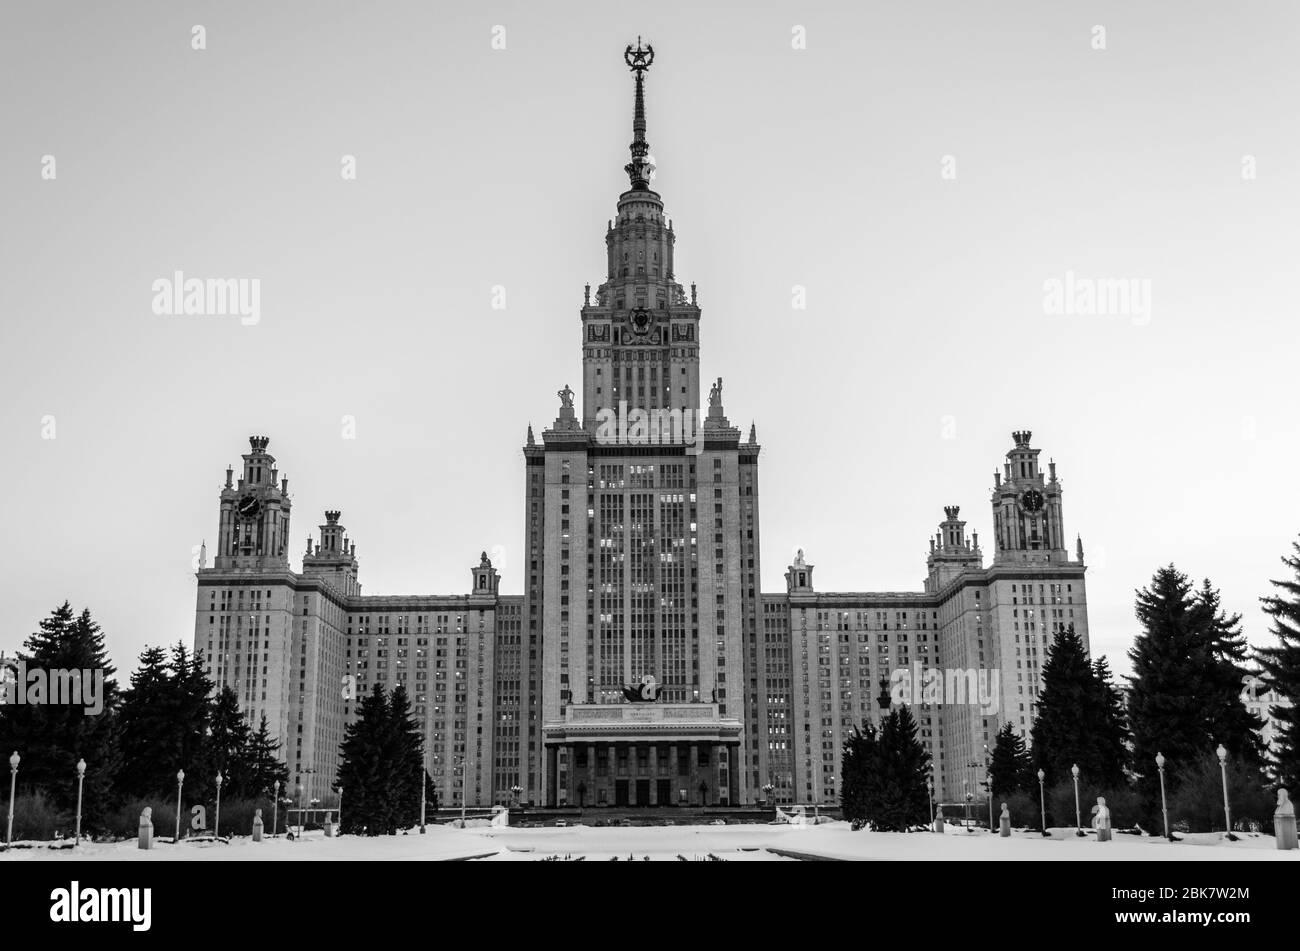 Lomonosov university Stock Photo